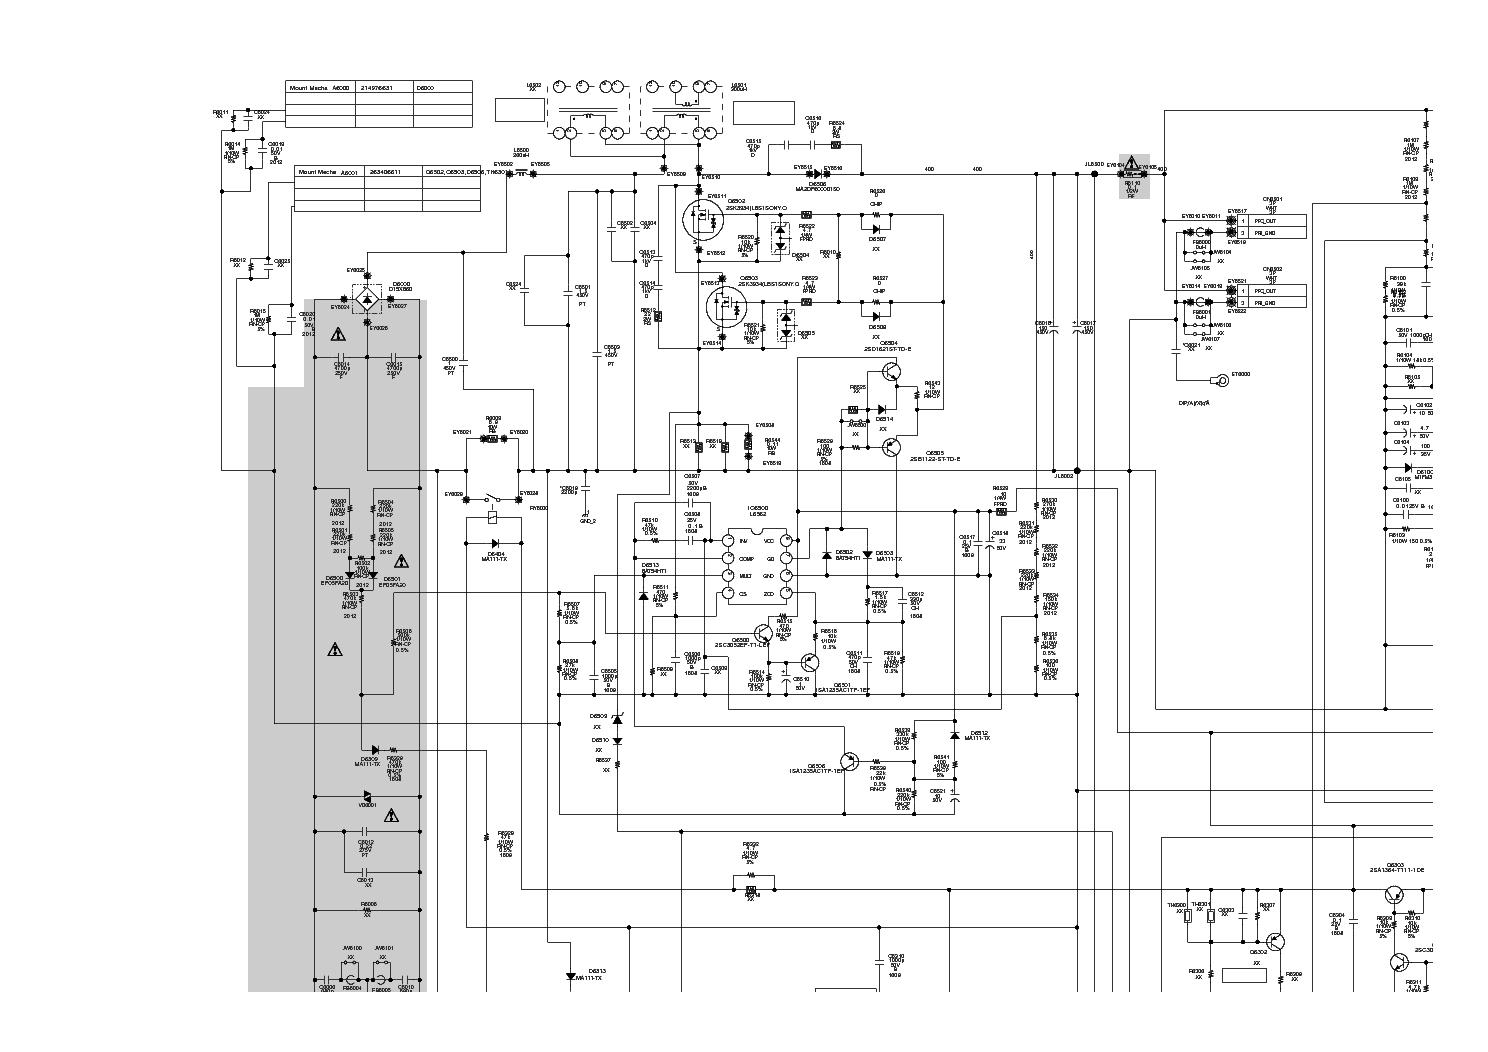 Sony G3 1 872 986 13 L Cxd P Mip2h2 Sch Service Manual Download Schematics Eeprom